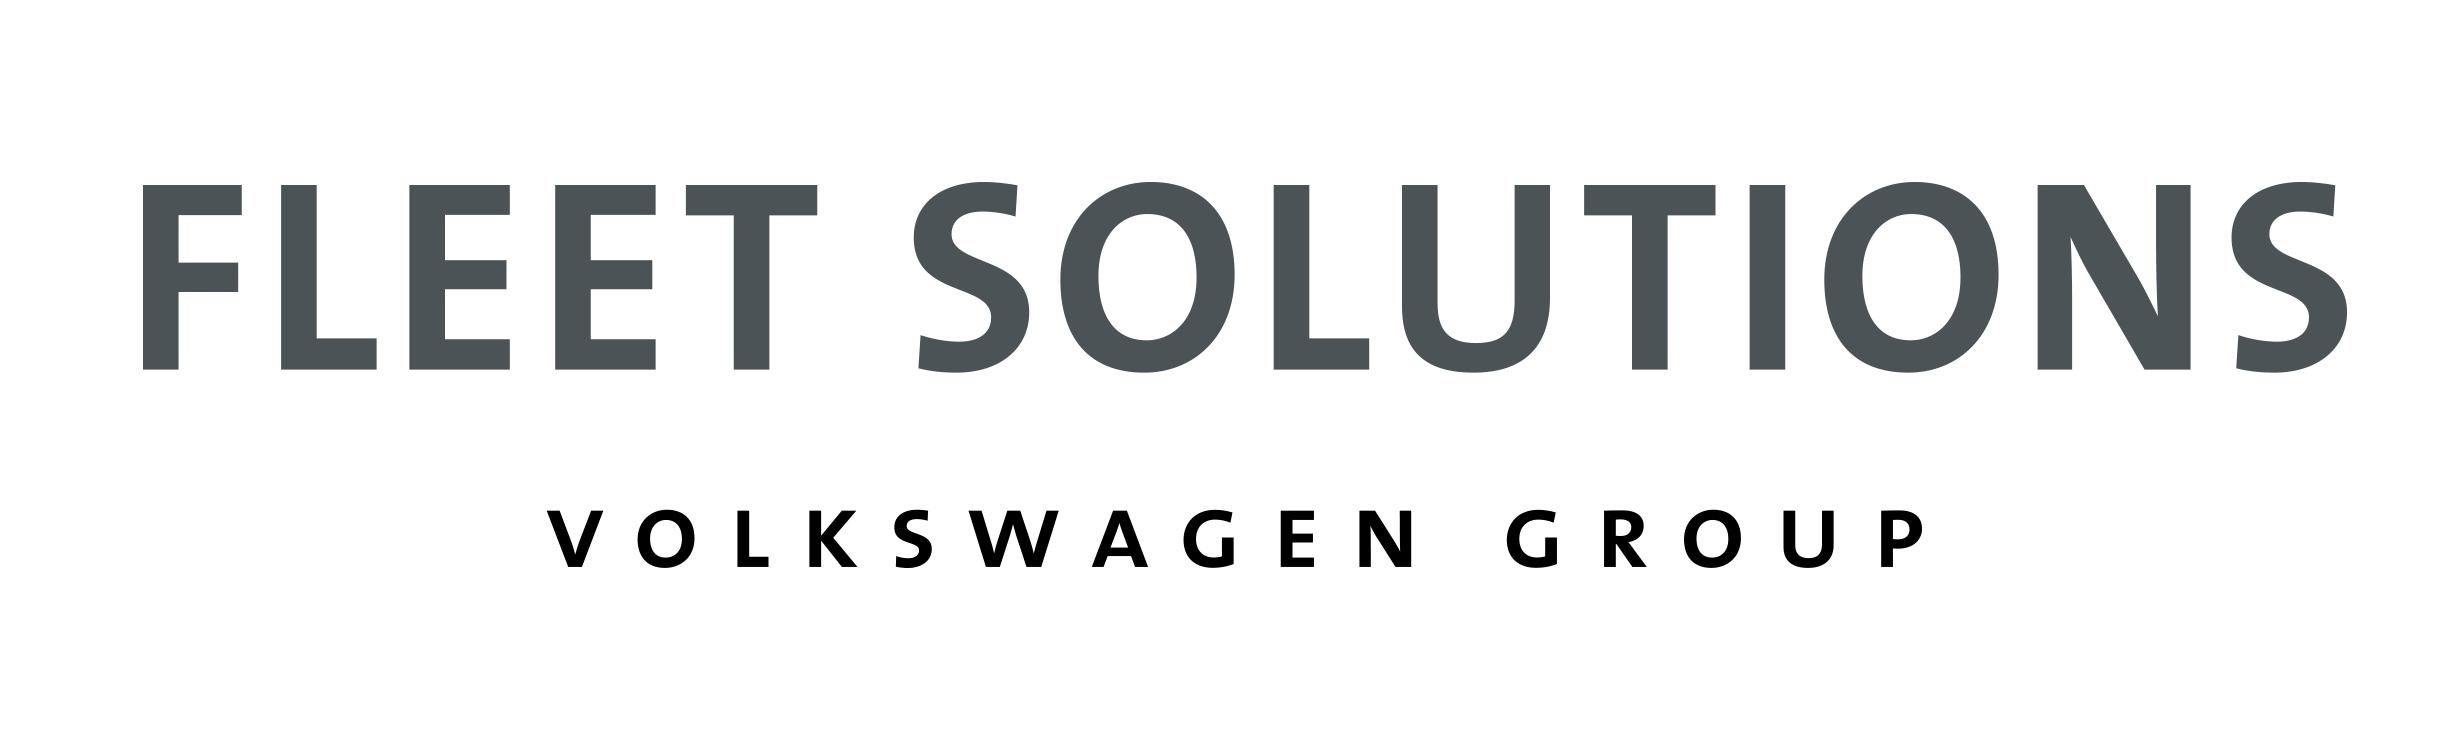 Logo_FLEET-SOLUTIONS002 AG FNAP 2020